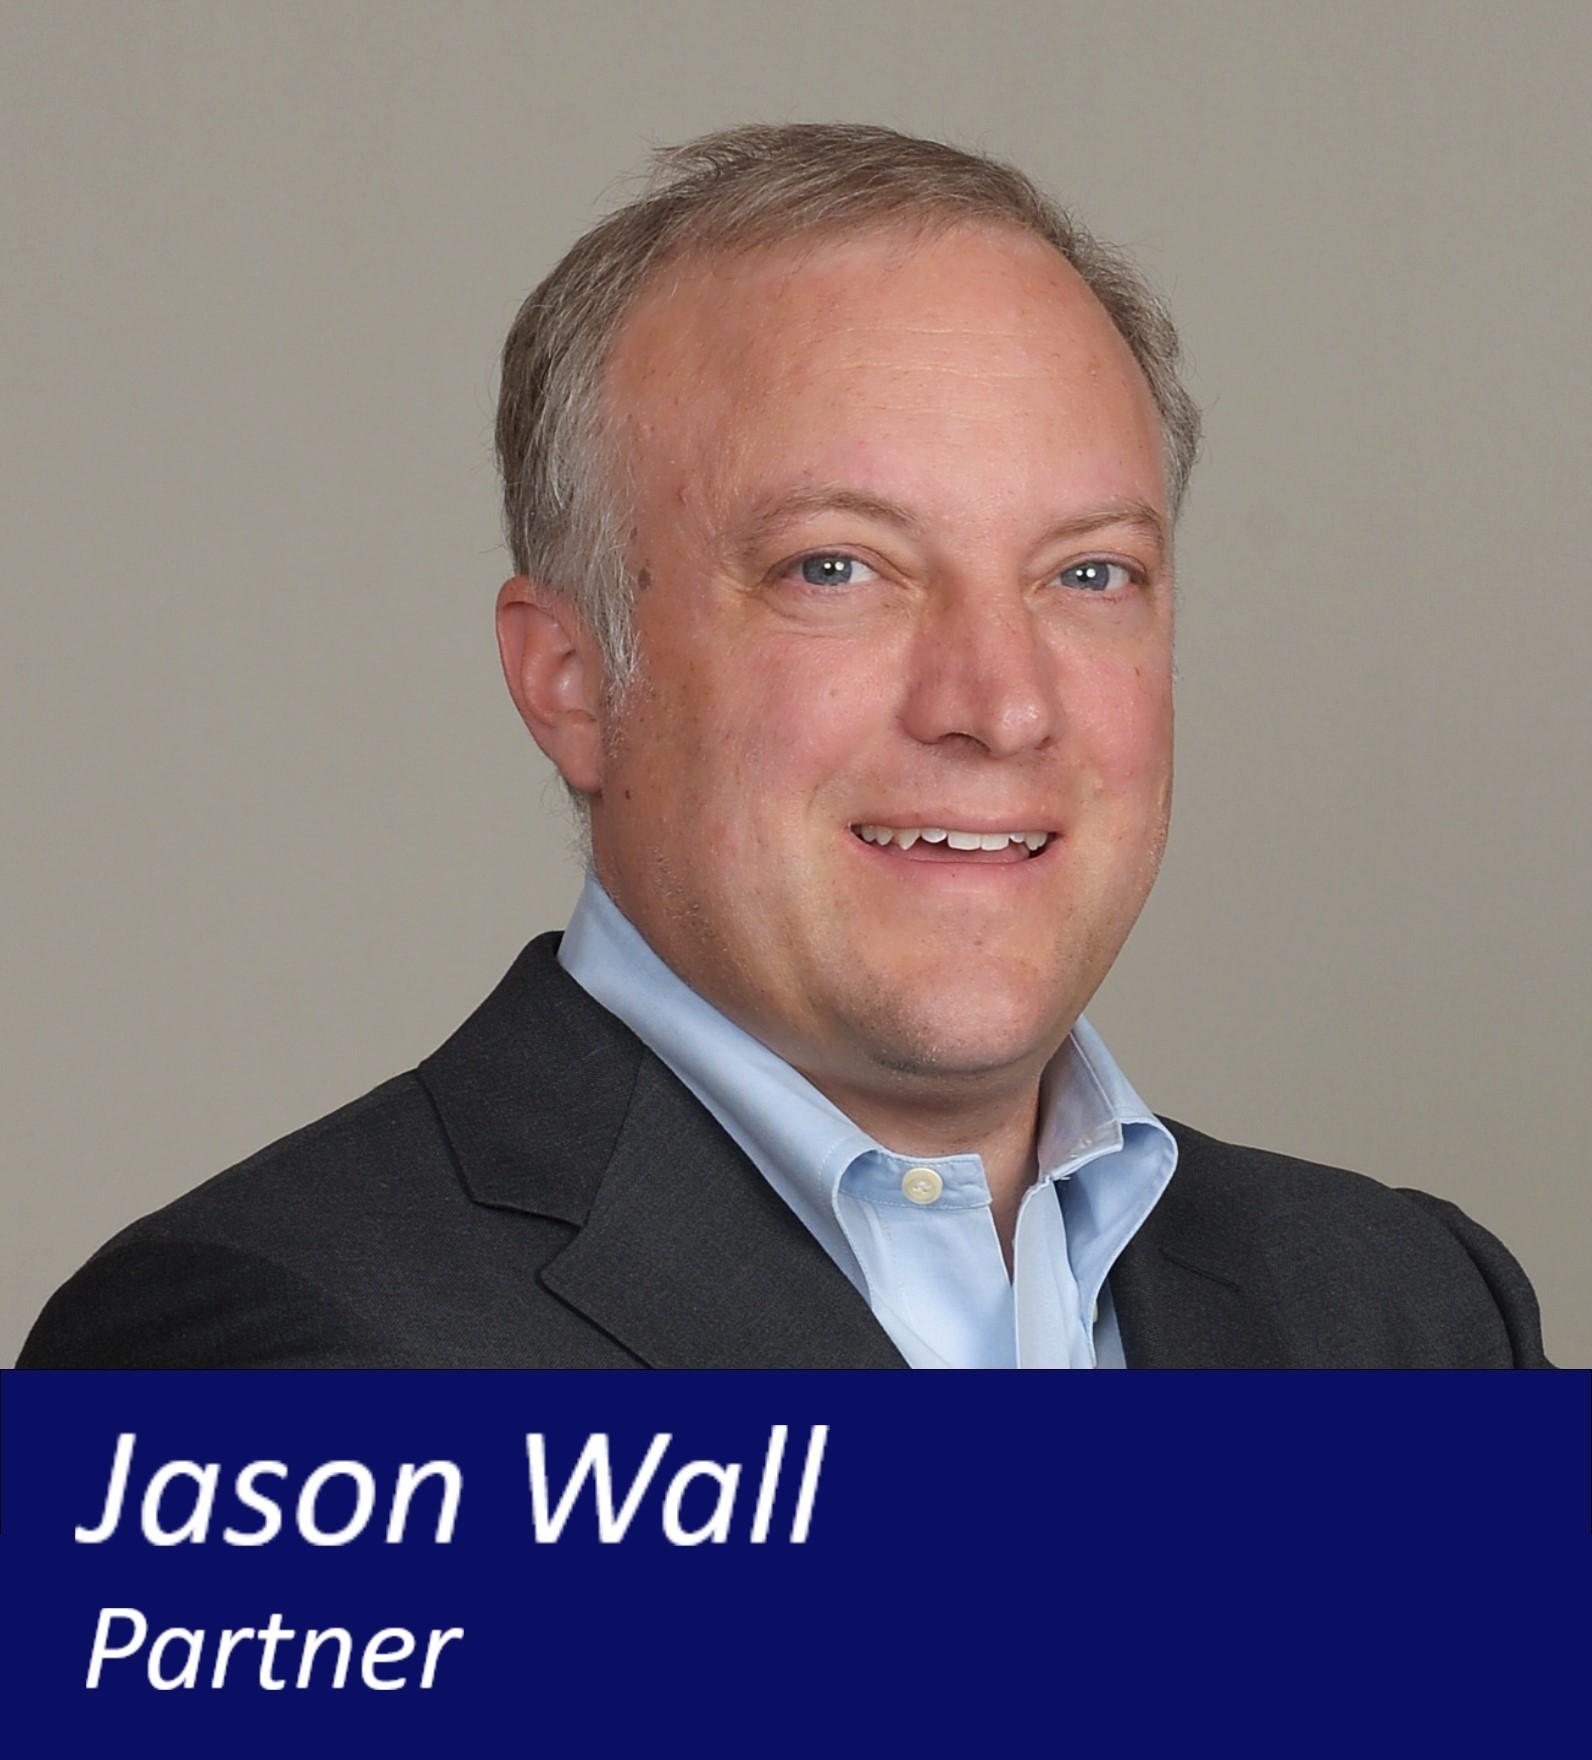 Jason Wall